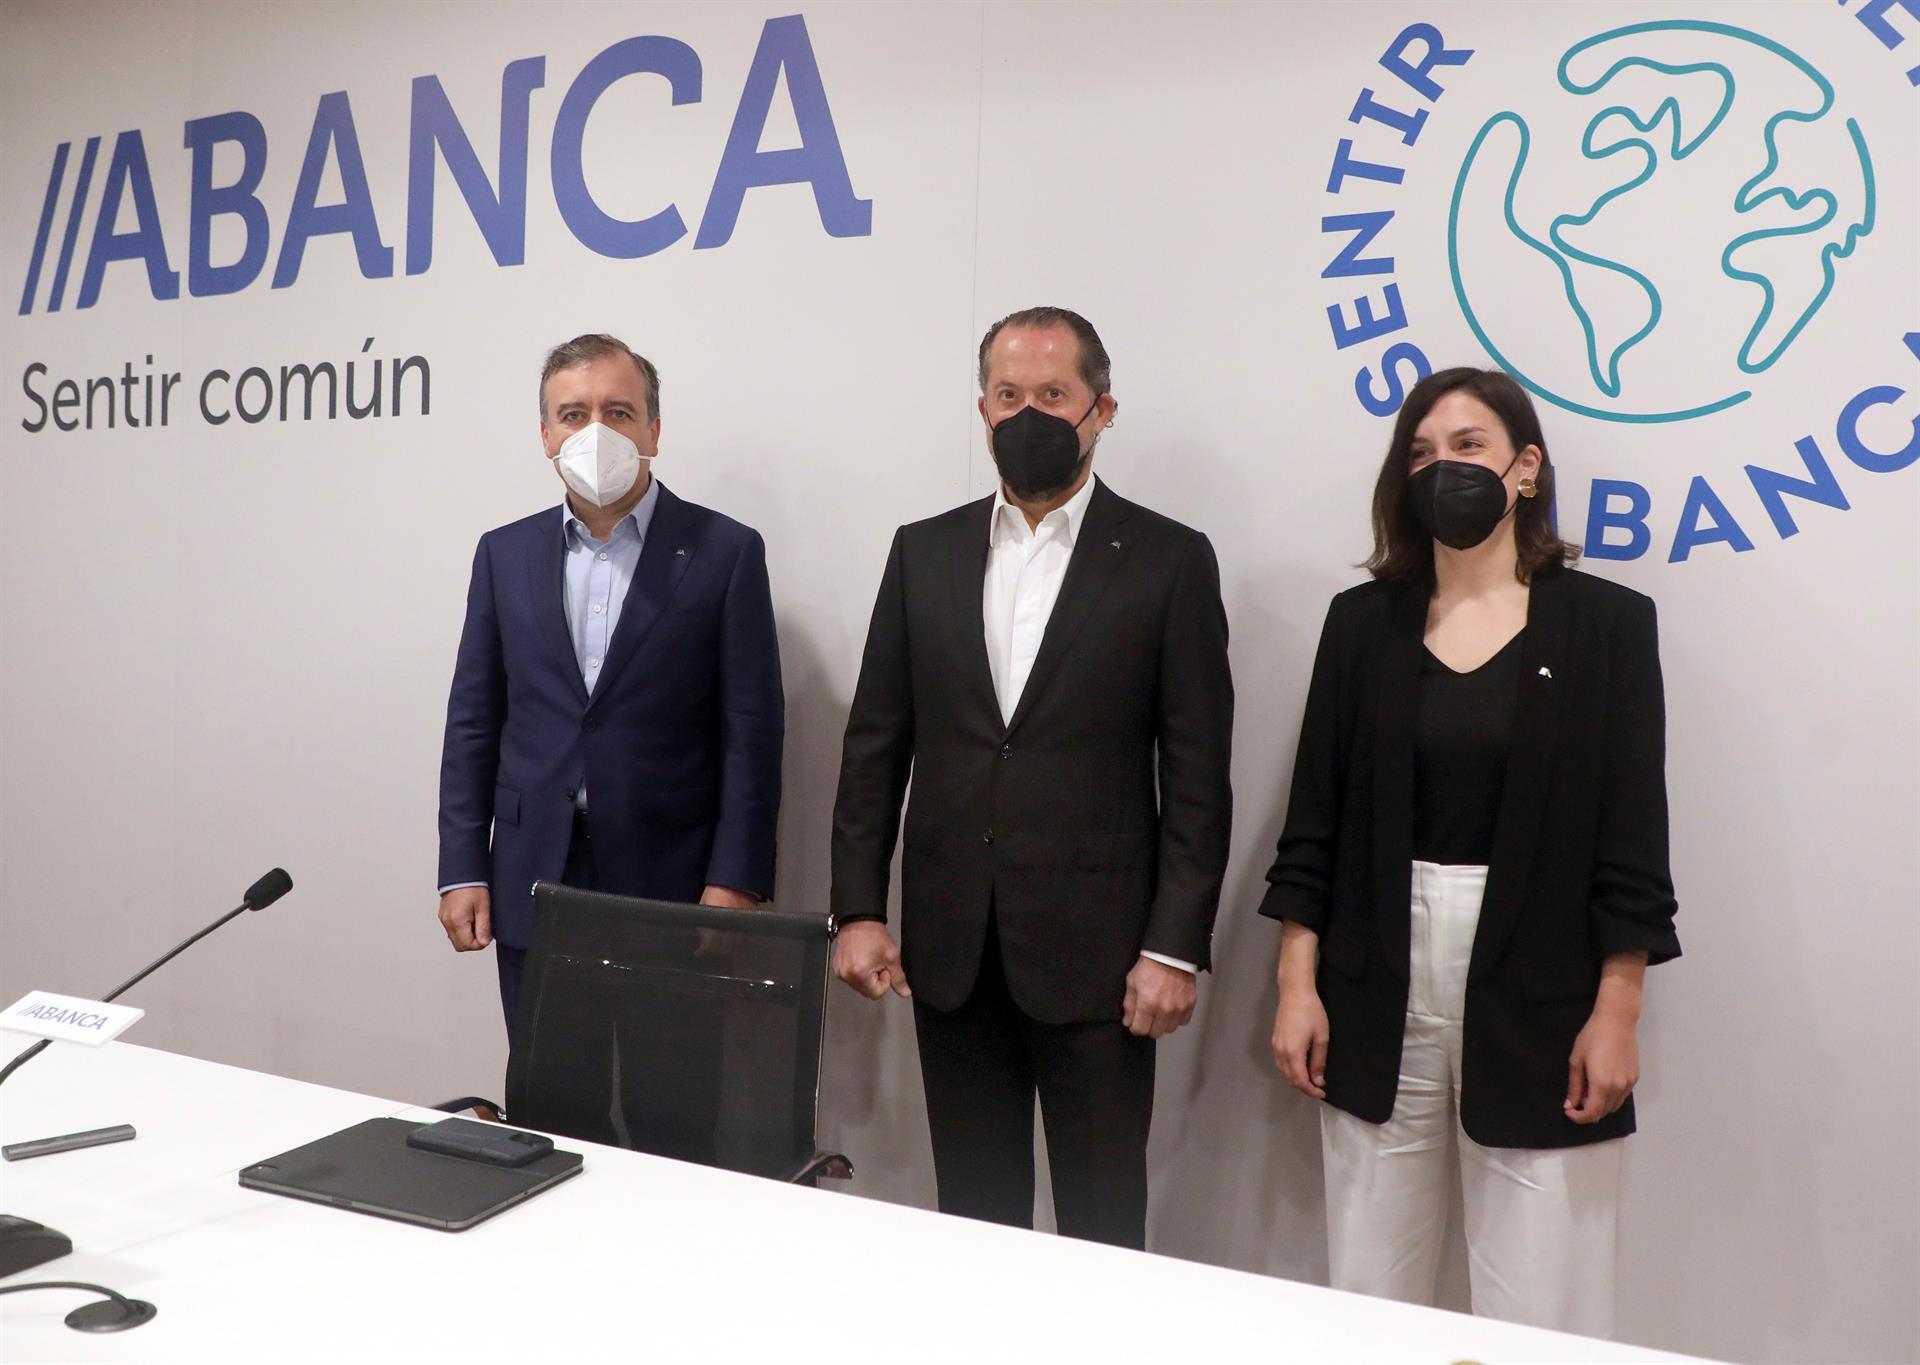 Los planes de Abanca: ni cierre masivo de oficinas ni reducción de plantilla